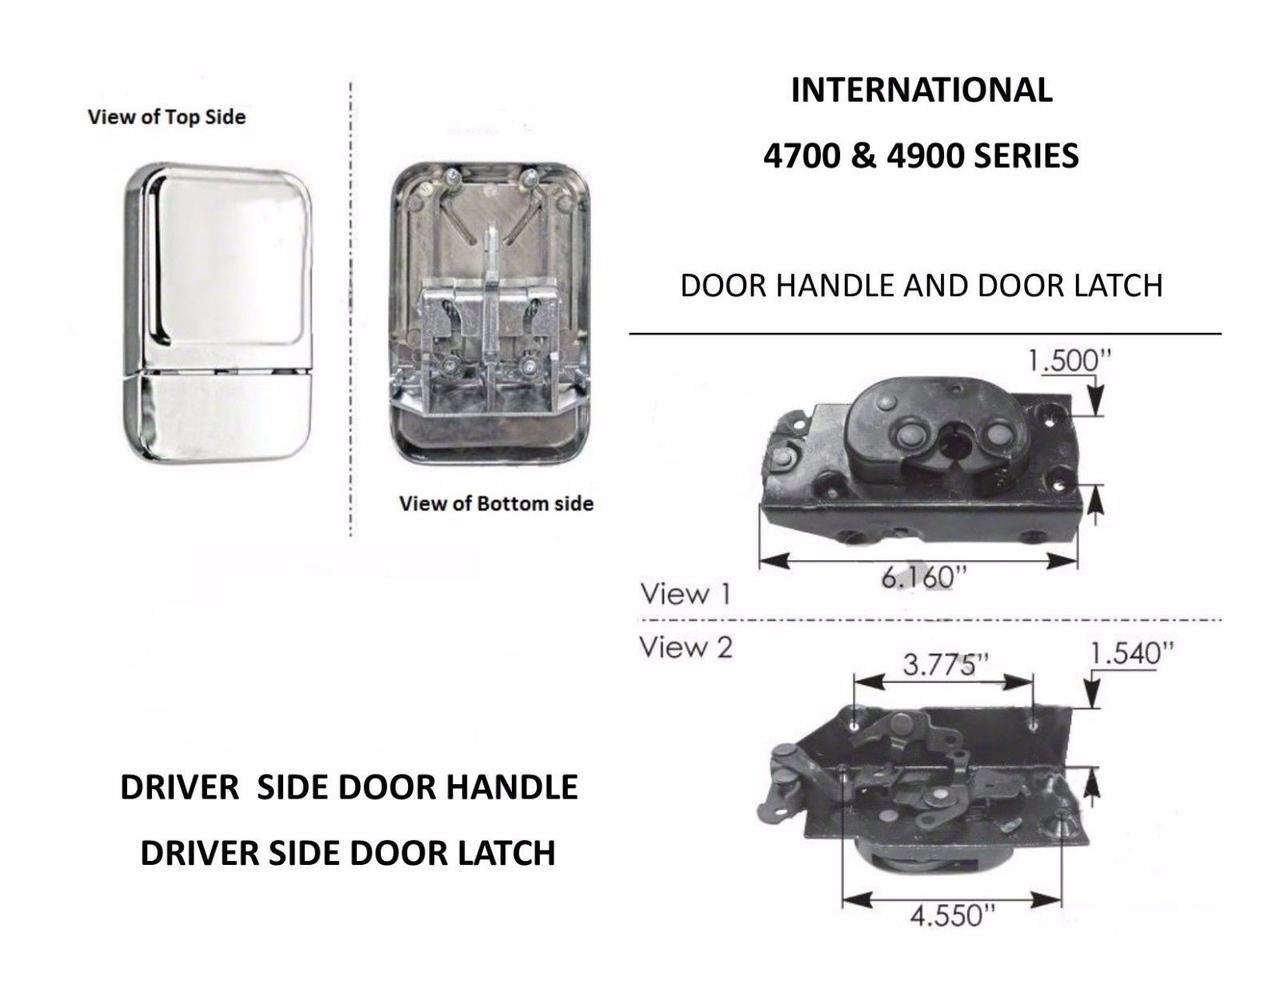 Driver Side Door Handle & Door Latch for International 4700 & 4900 Series Trucks